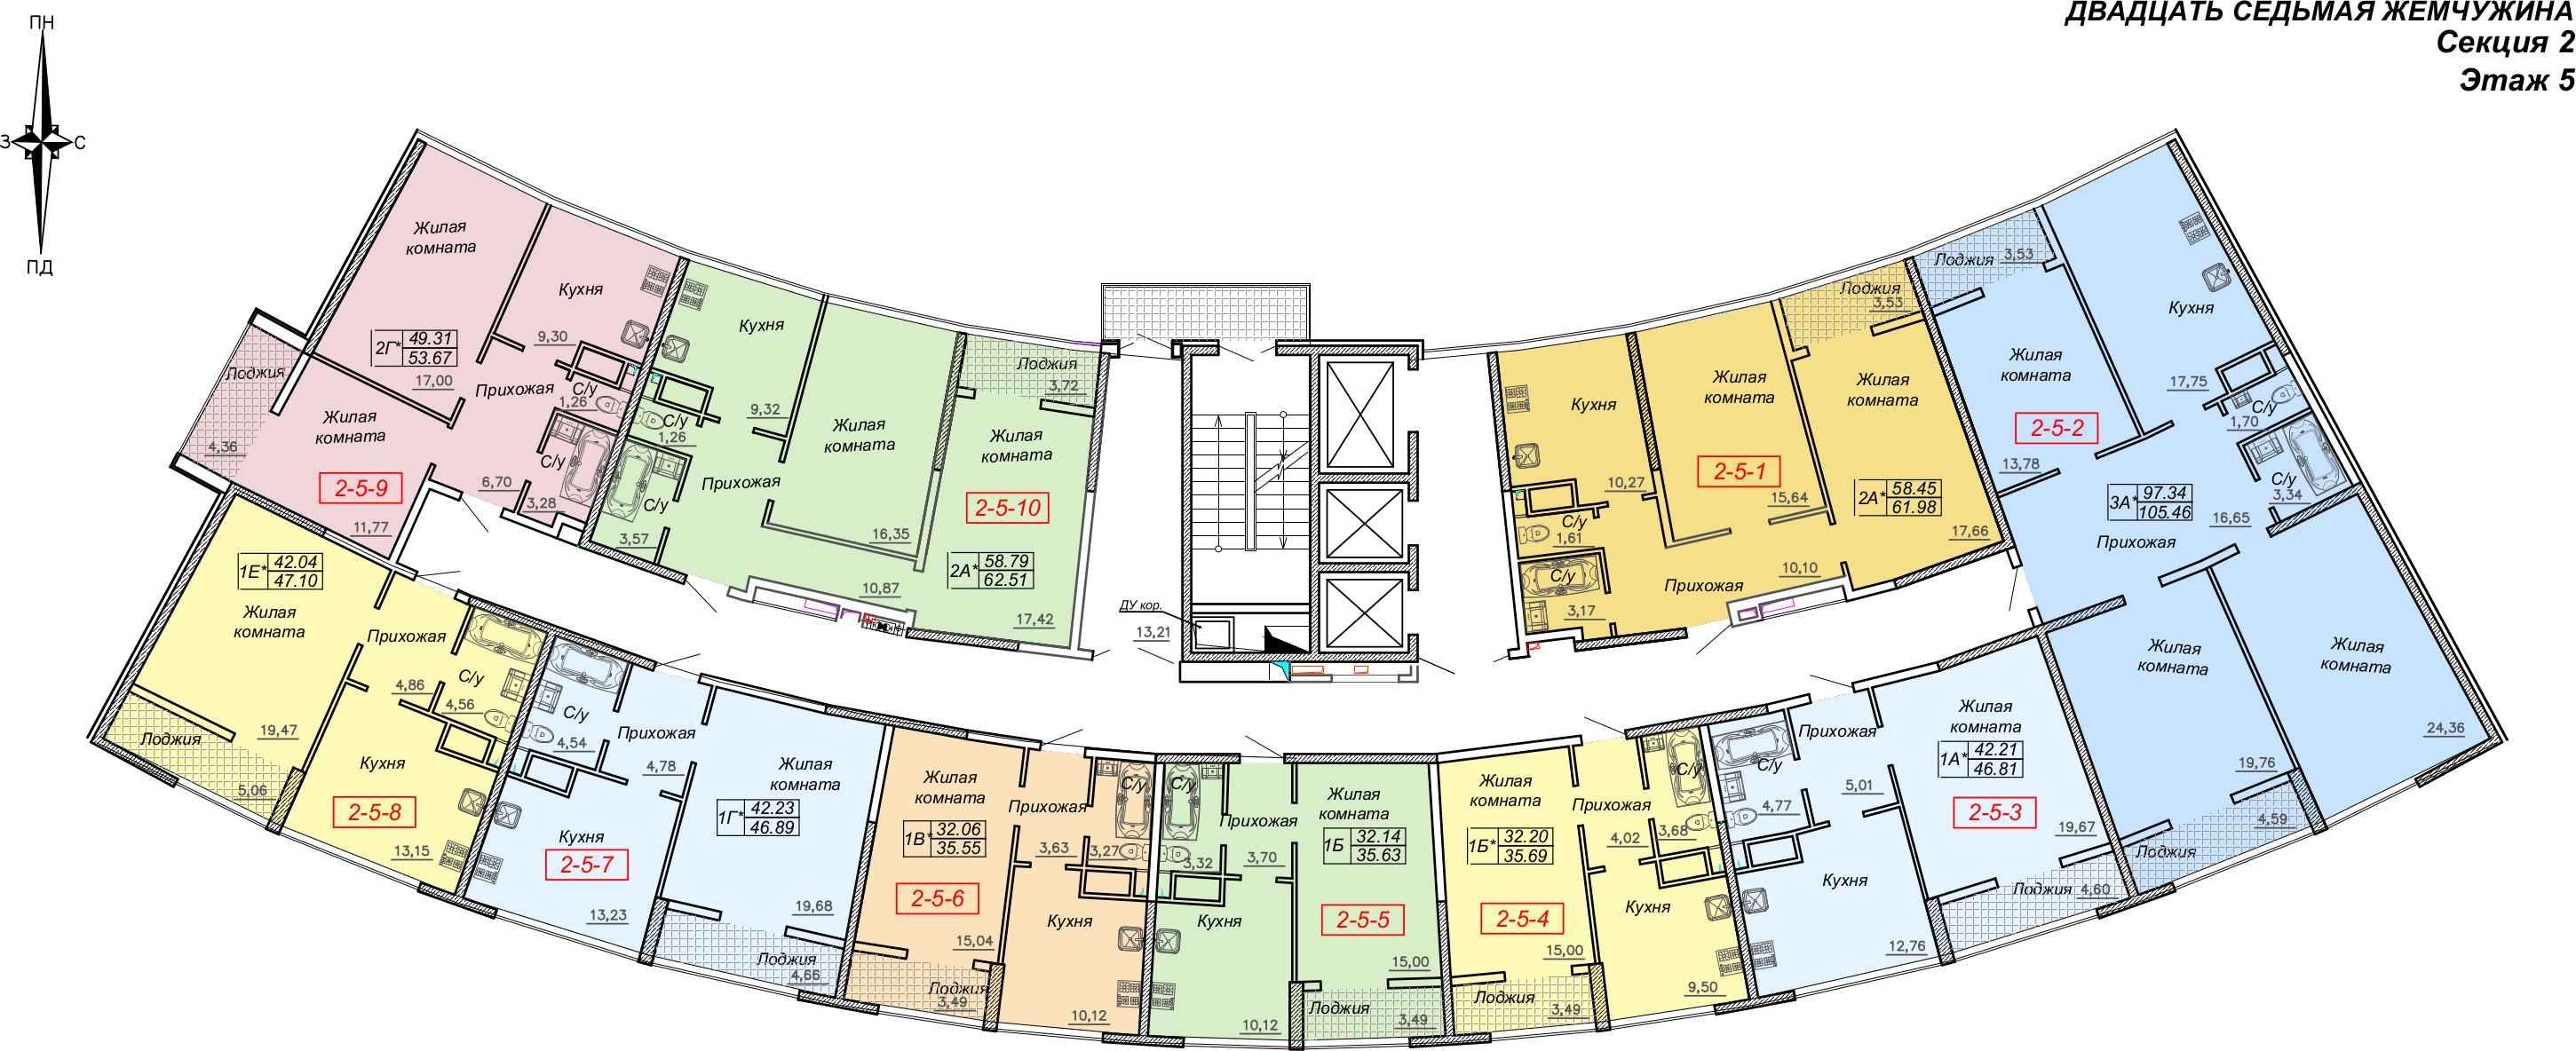 Кадорр, Жемчужина 27, Планировка секция 2, этаж 5-25